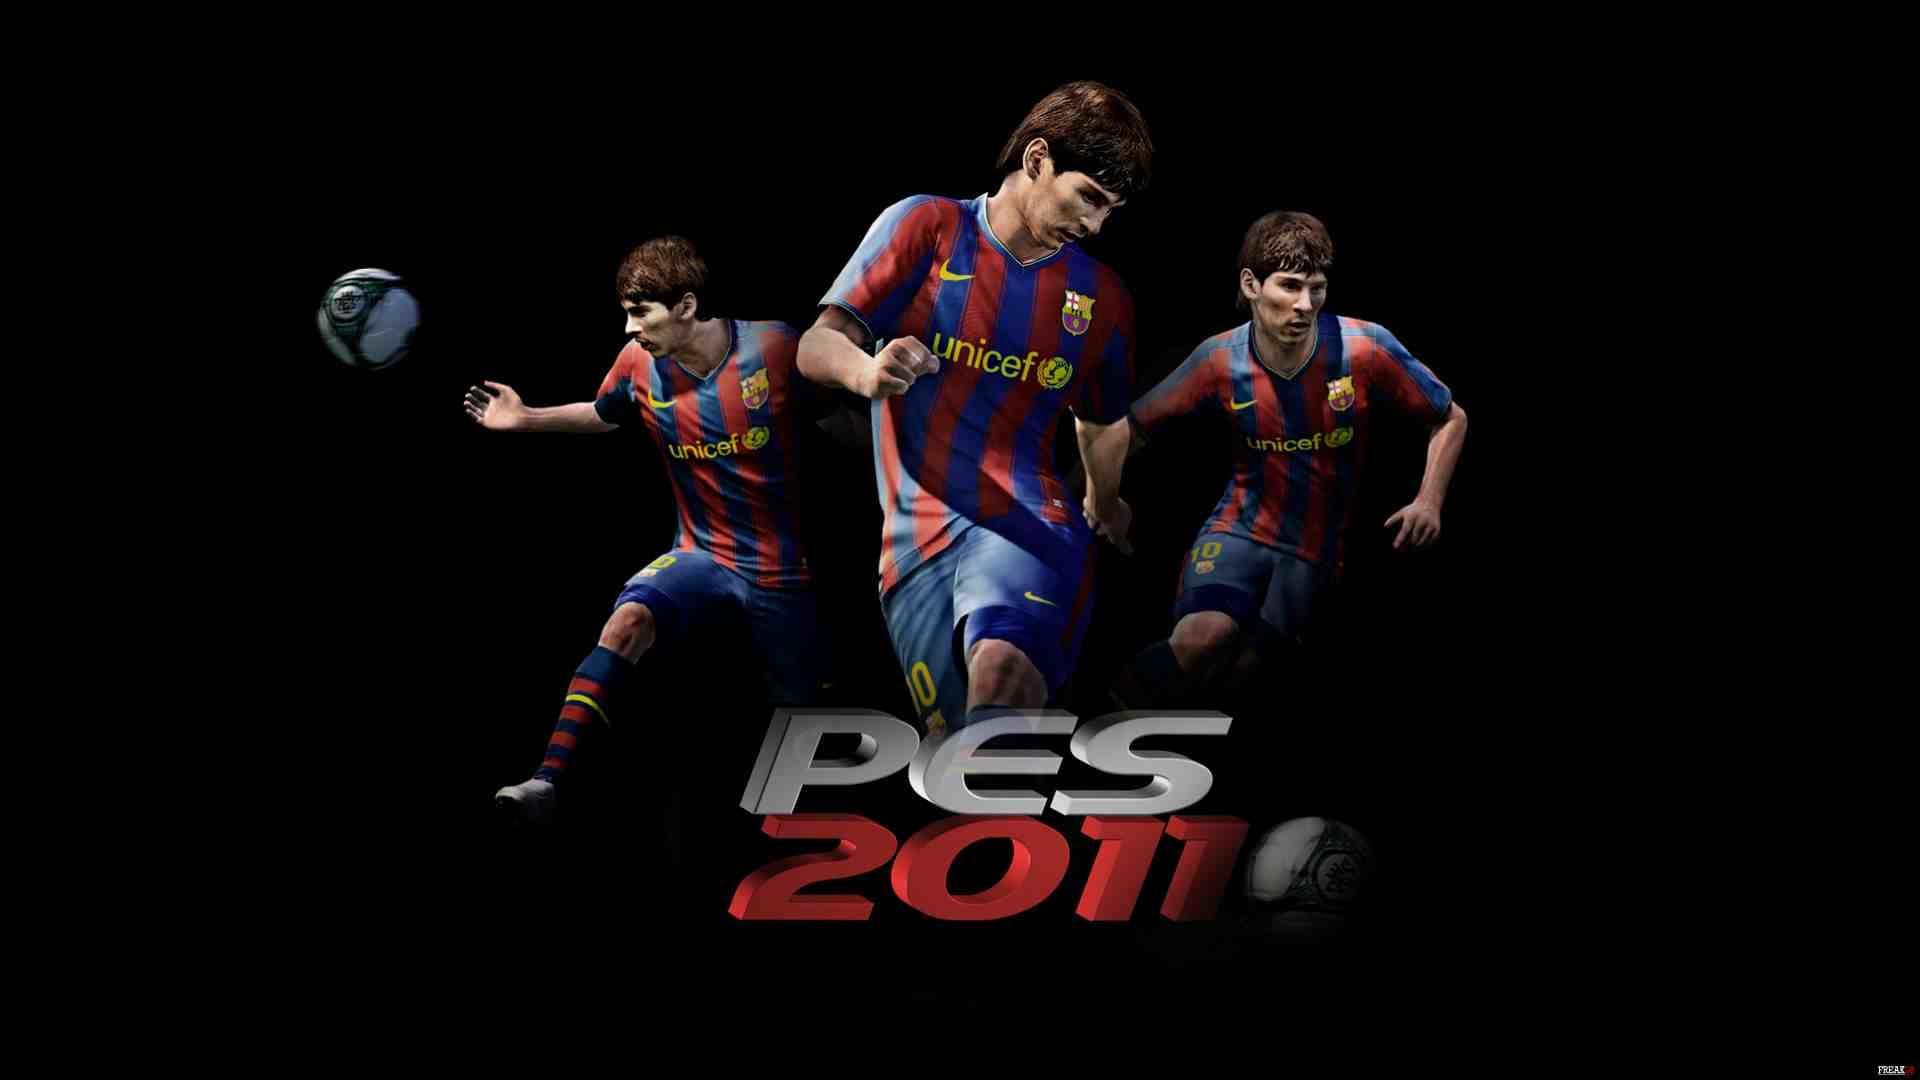 Tapeta PES 2011